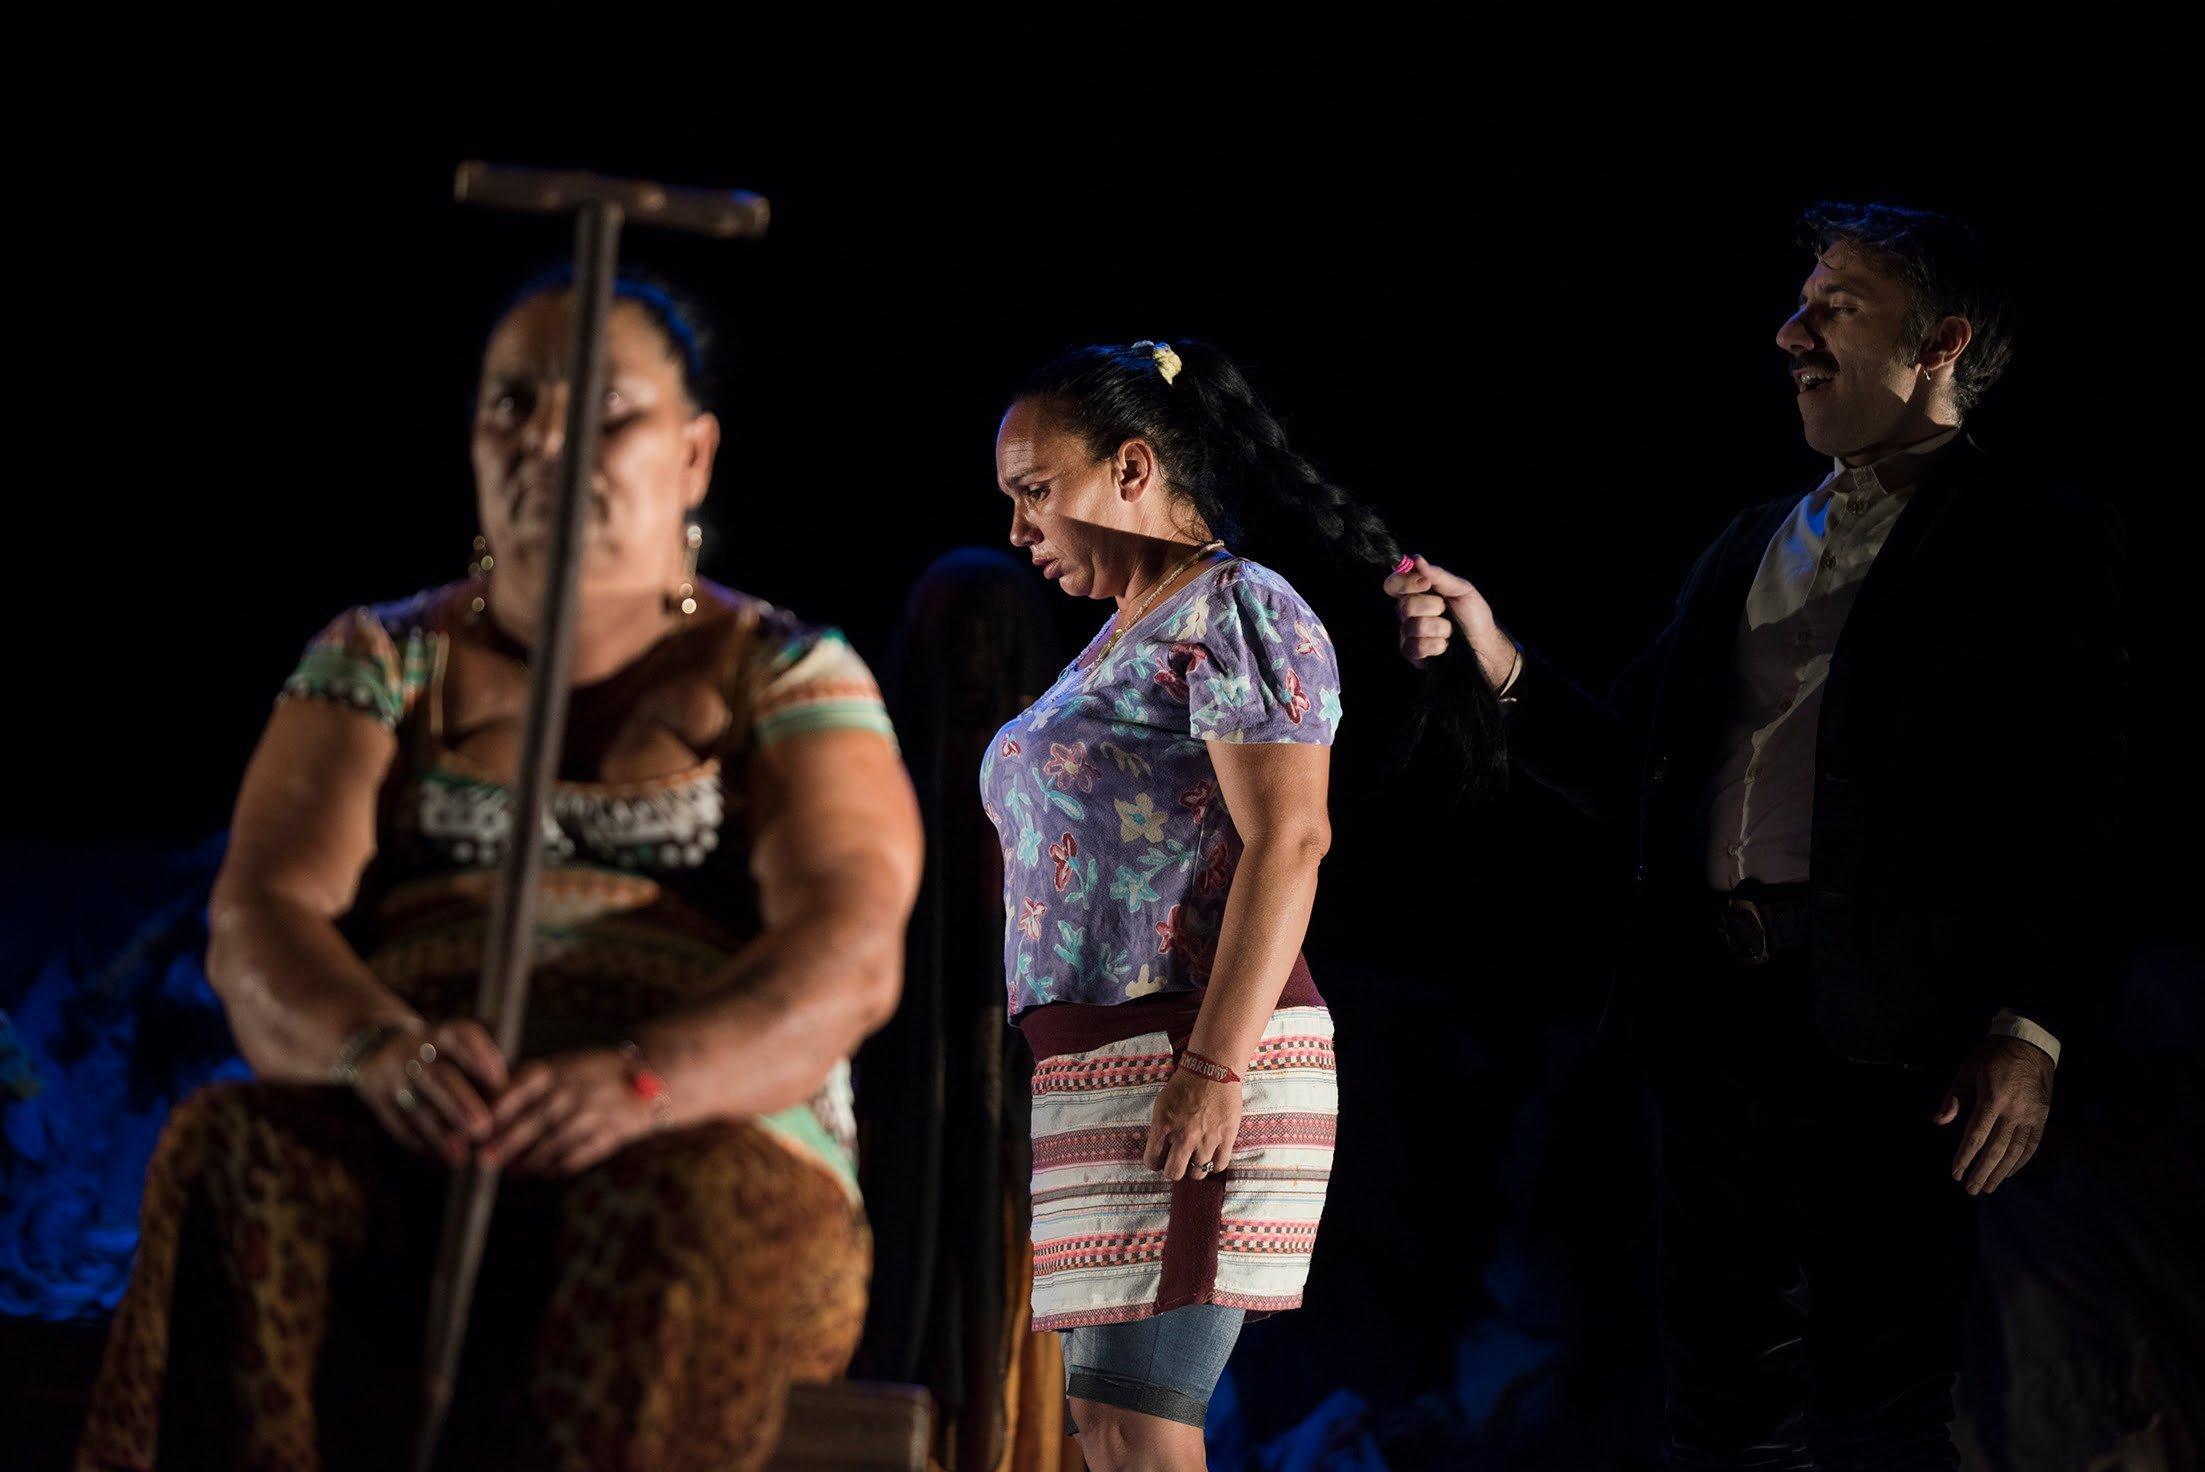 El reparto cuenta con actrices de etnia gitana del barrio chabolista de El Vacie de Sevilla